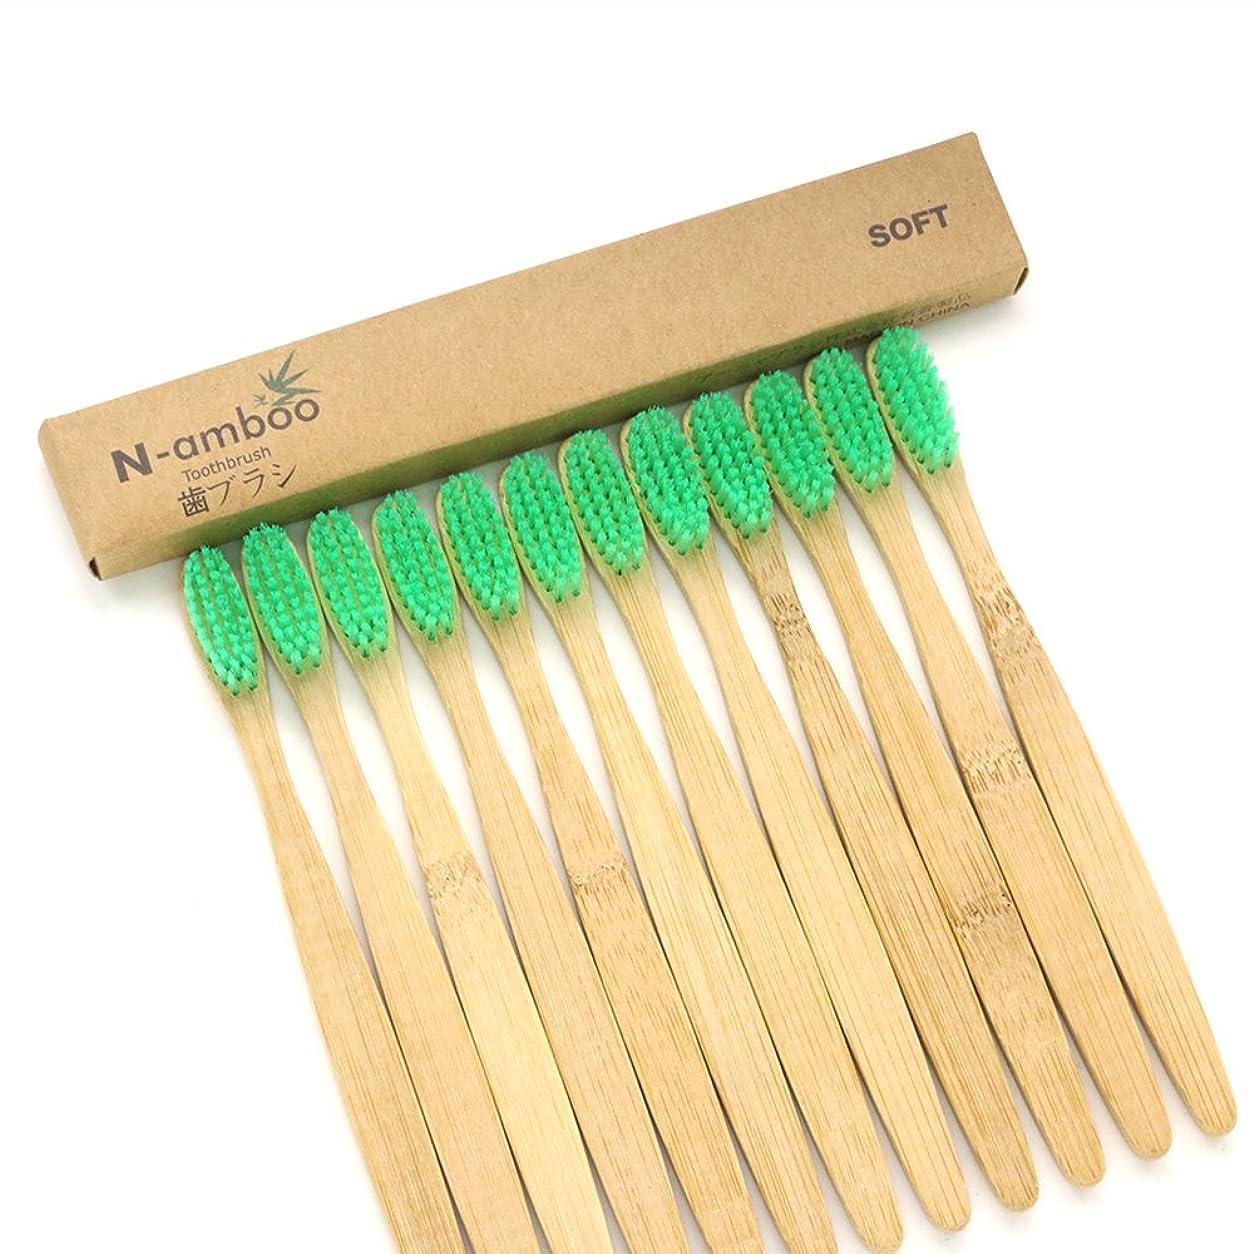 暗記するなぜならバスN-amboo 竹製 歯ブラシ 高耐久性 セット エコ 軽量 12本入り 緑 セット